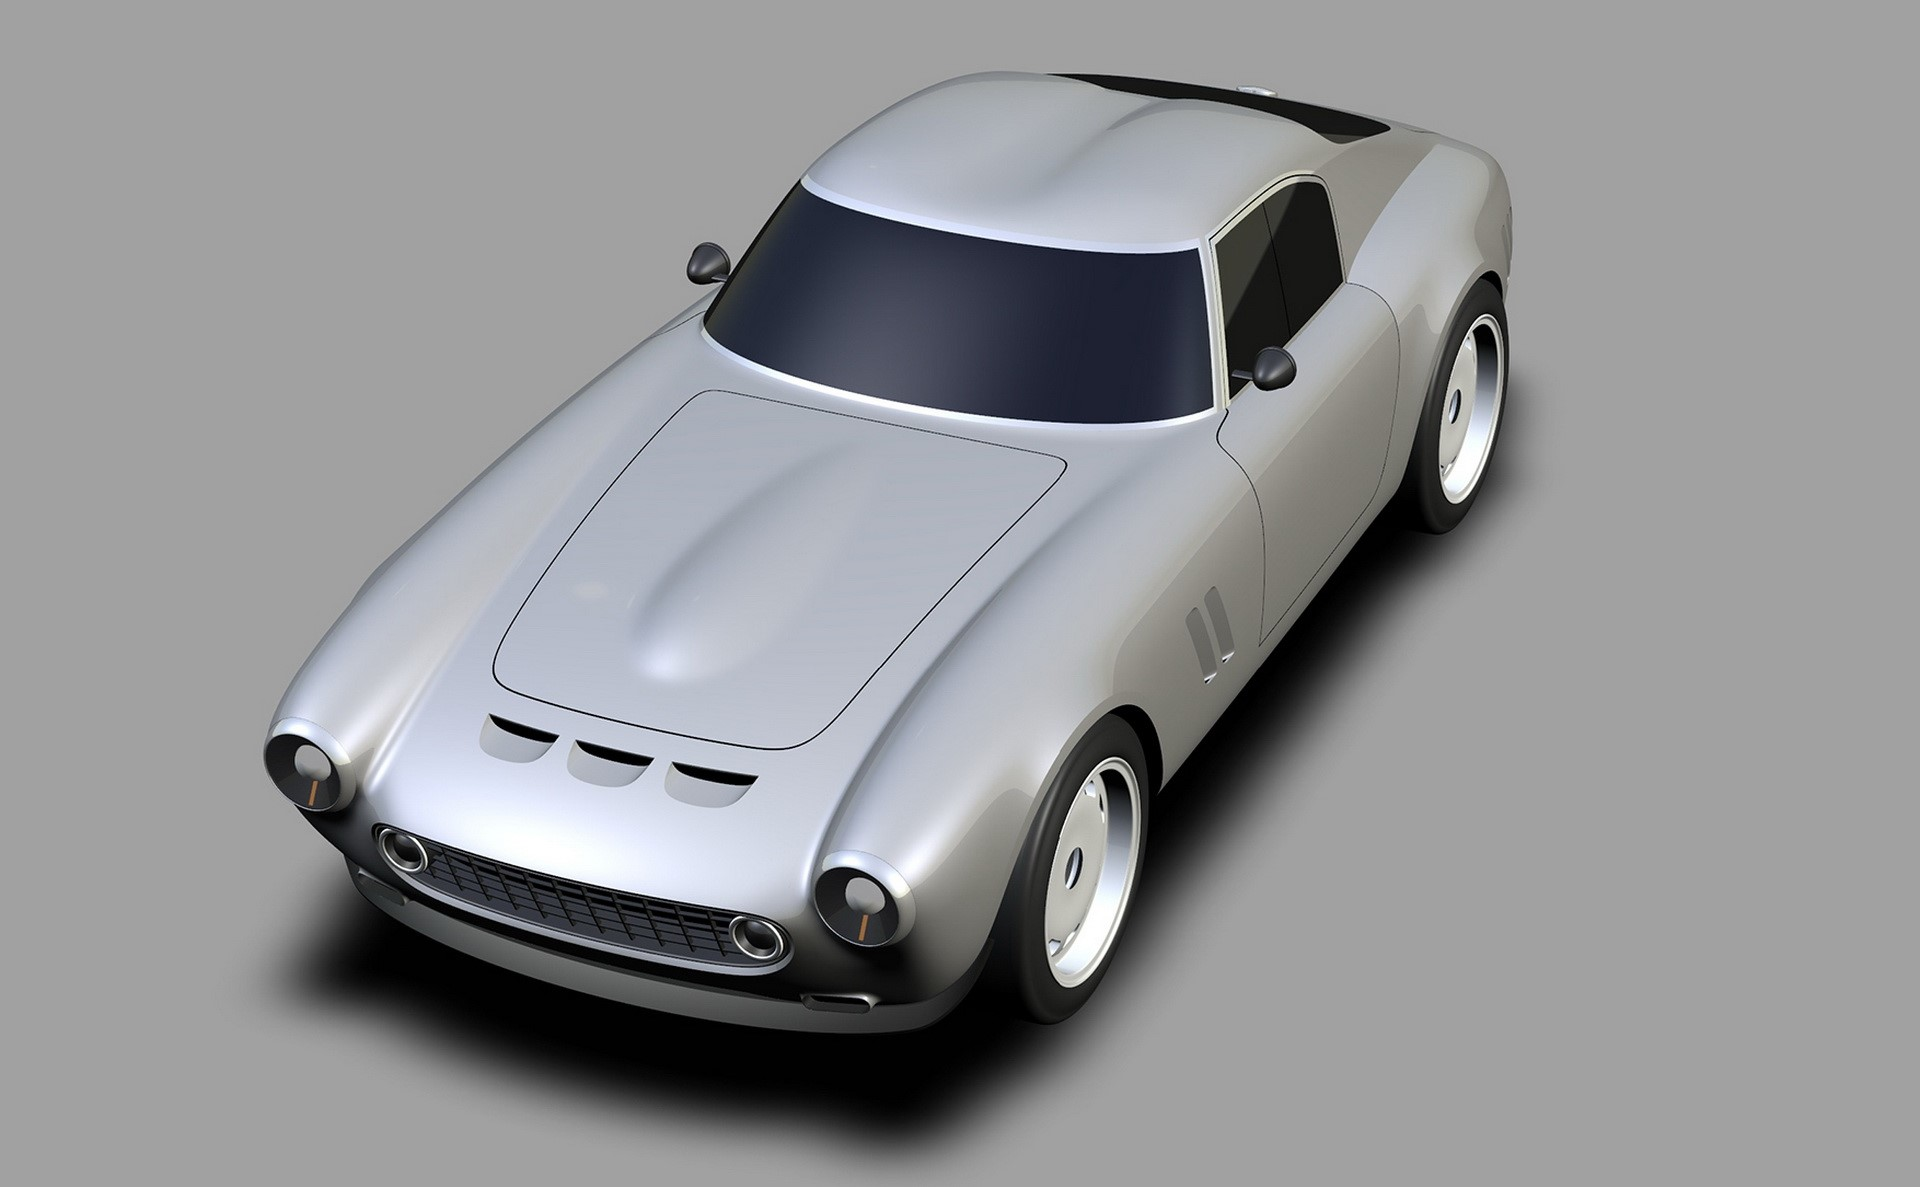 最接近现代法拉利250 GTO的车型已经正式进入研发阶段